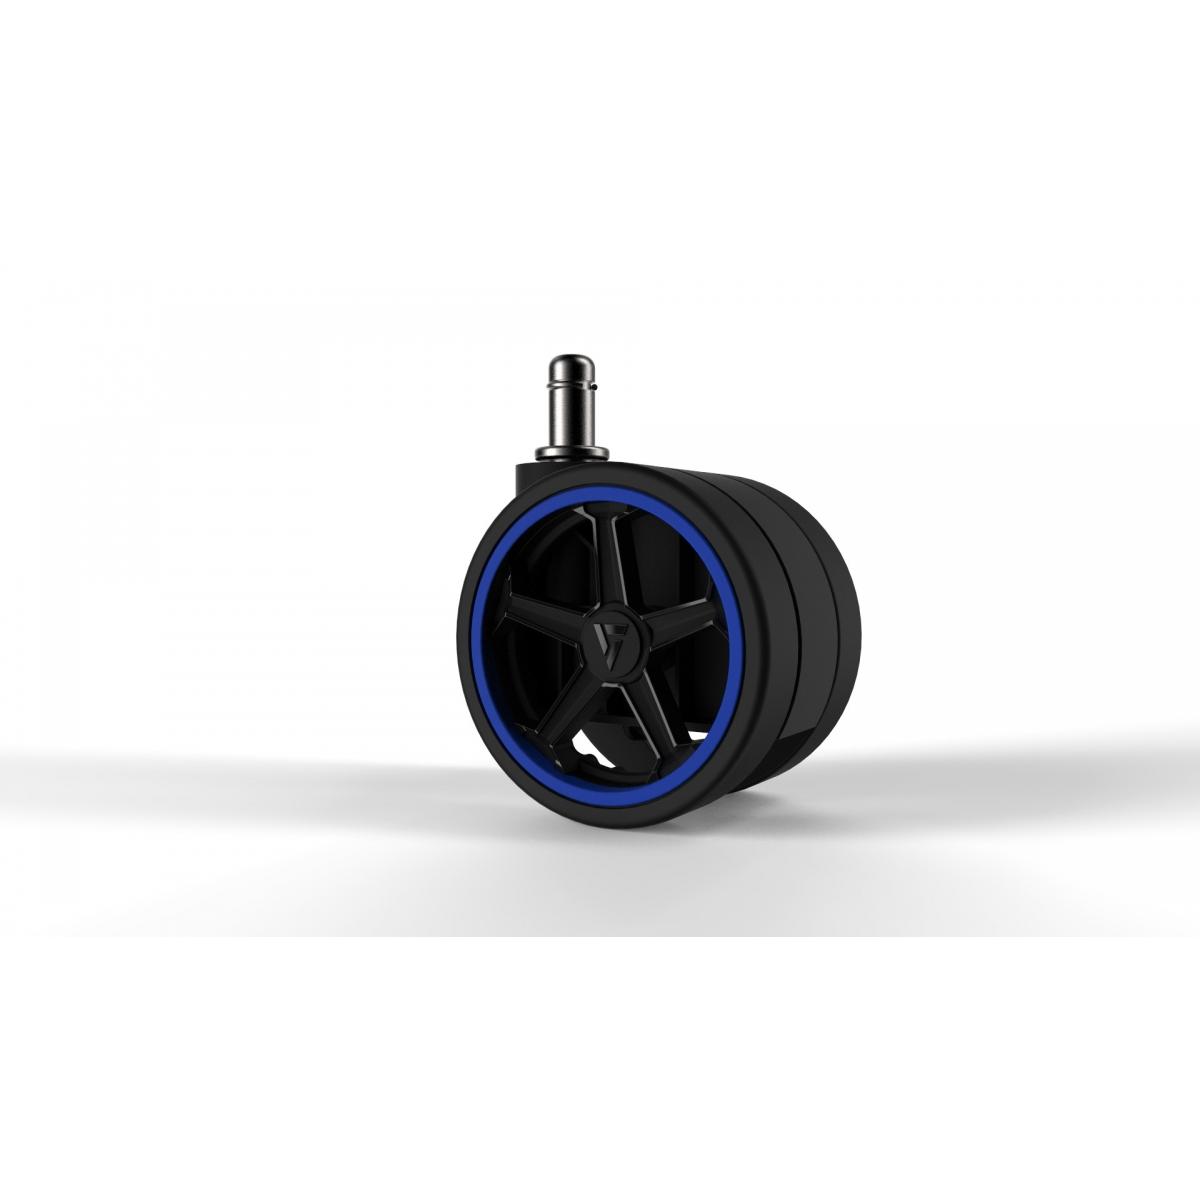 Cadeira Gamer Vertagear Racing SL2000, Black-Blue, VG-SL2000_BL